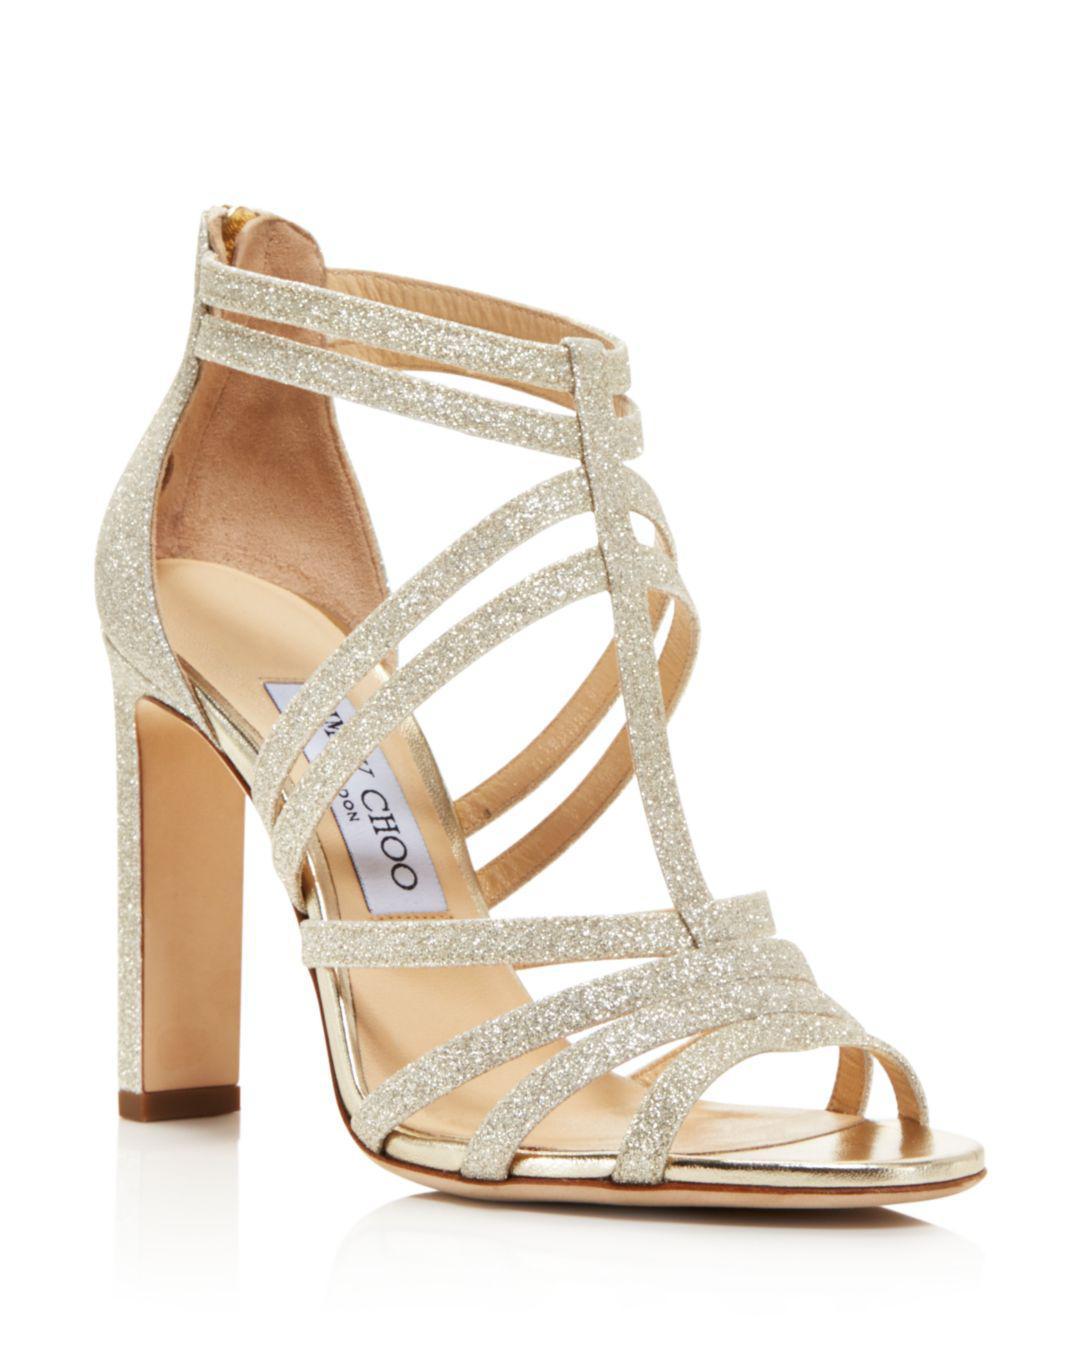 5125d401fbde8 Jimmy Choo Women's Selina 100 Glitter High-heel Sandals in Metallic ...